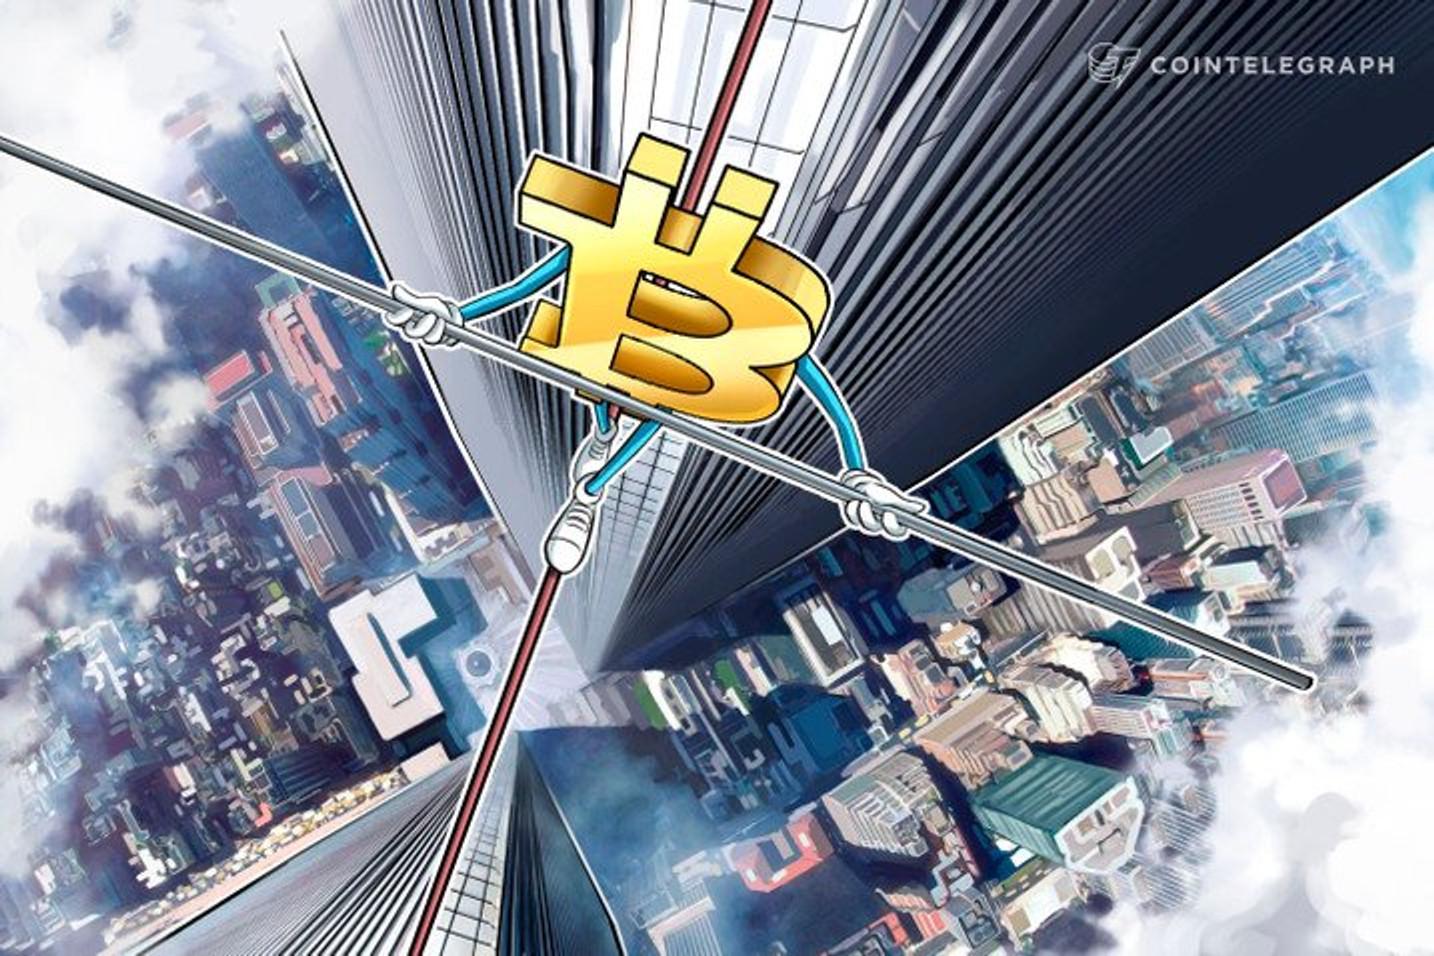 Como o baixo volume de negociação diária influencia na volatilidade do preço do Bitcoin